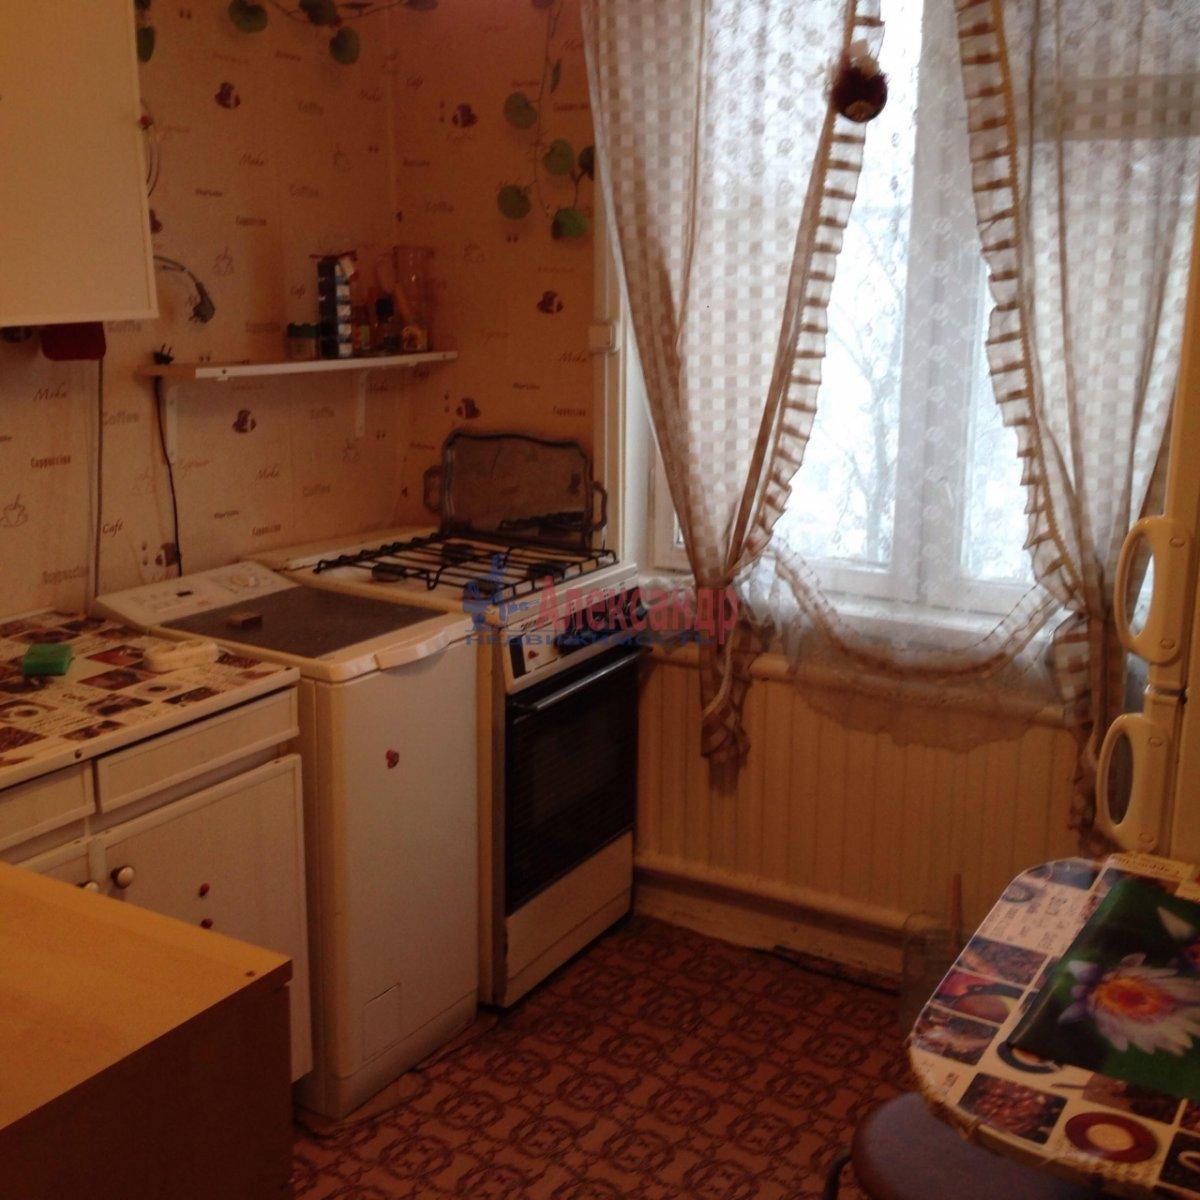 1-комнатная квартира (36м2) в аренду по адресу Карпинского ул., 31— фото 4 из 7